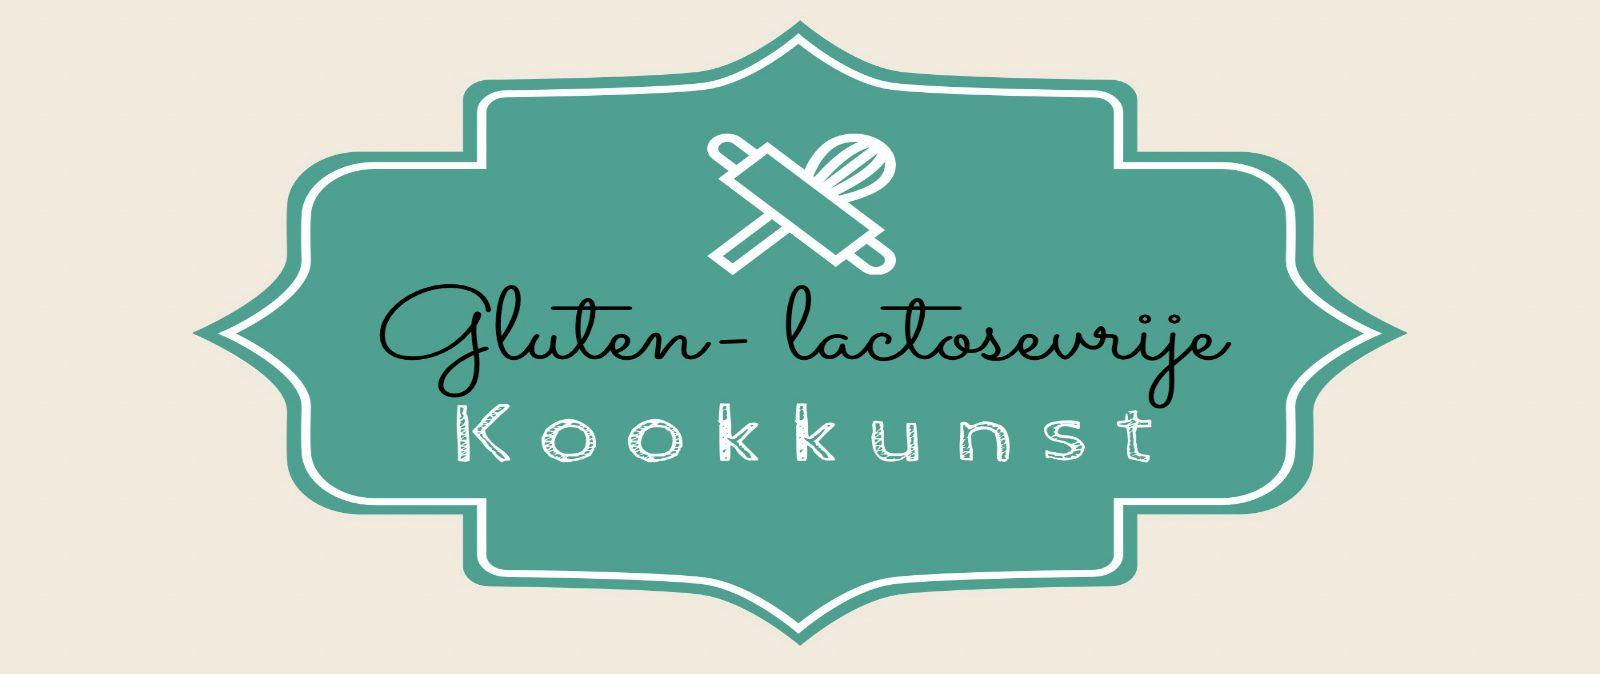 Gluten-lactosevrijekookkunst